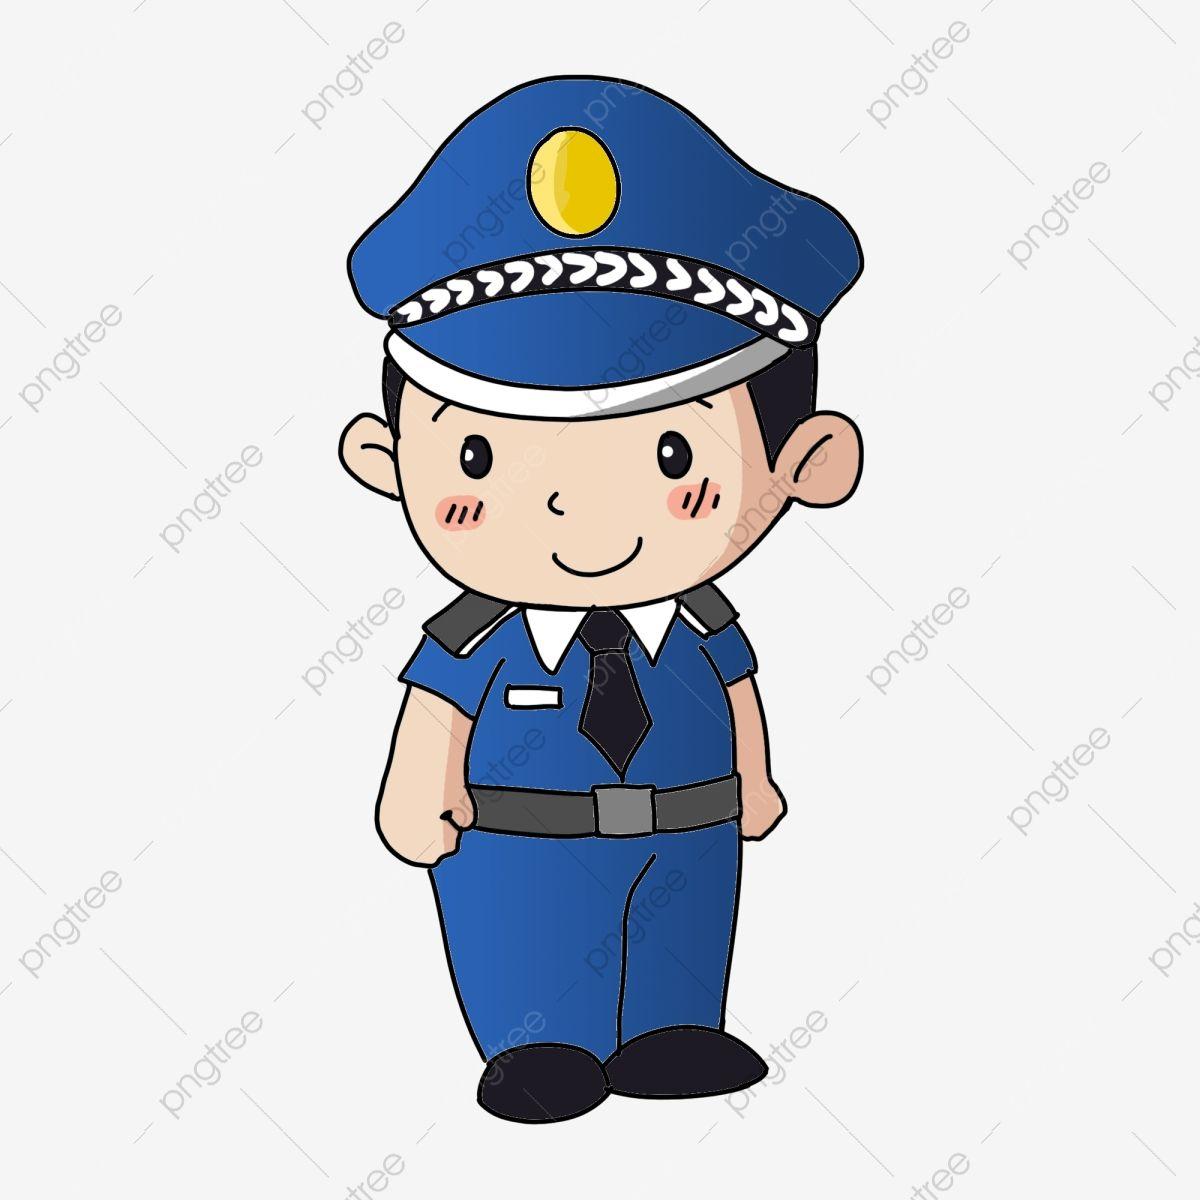 الشرطة المناوبة الشرطة المرسومة باليد شرطة الرسوم منفذي القانون الاجتماعي شرطي الكرتون الشرطة البطولية Png وملف Psd للتحميل مجانا Cute Bee How To Draw Hands Cartoon